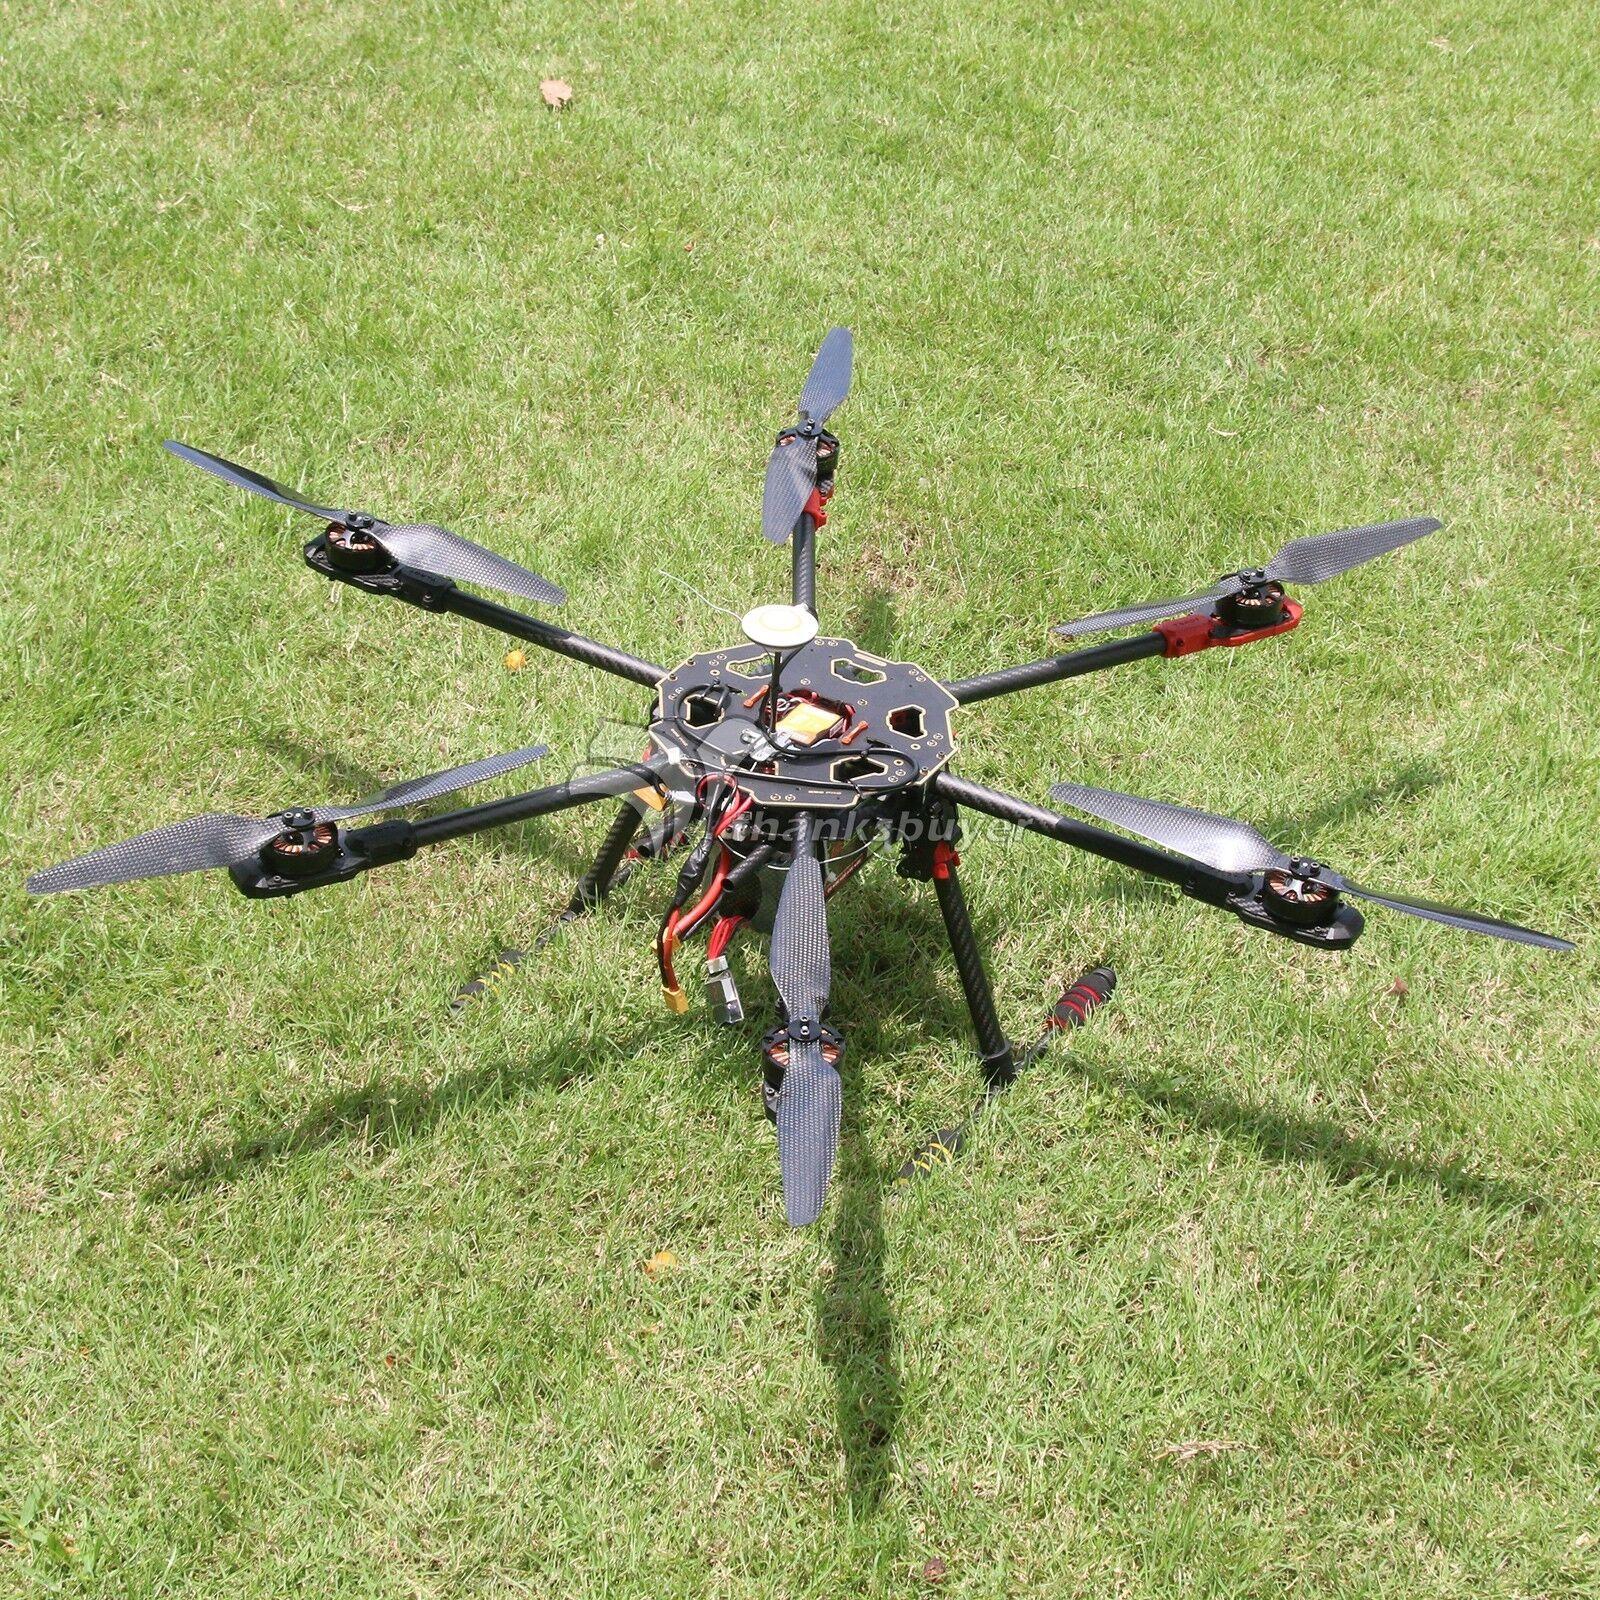 Tarojo 680Pro ARTF Plegable Hexacóptero TL68P00 & Naza V2 & X4108S 380 kV & Esc